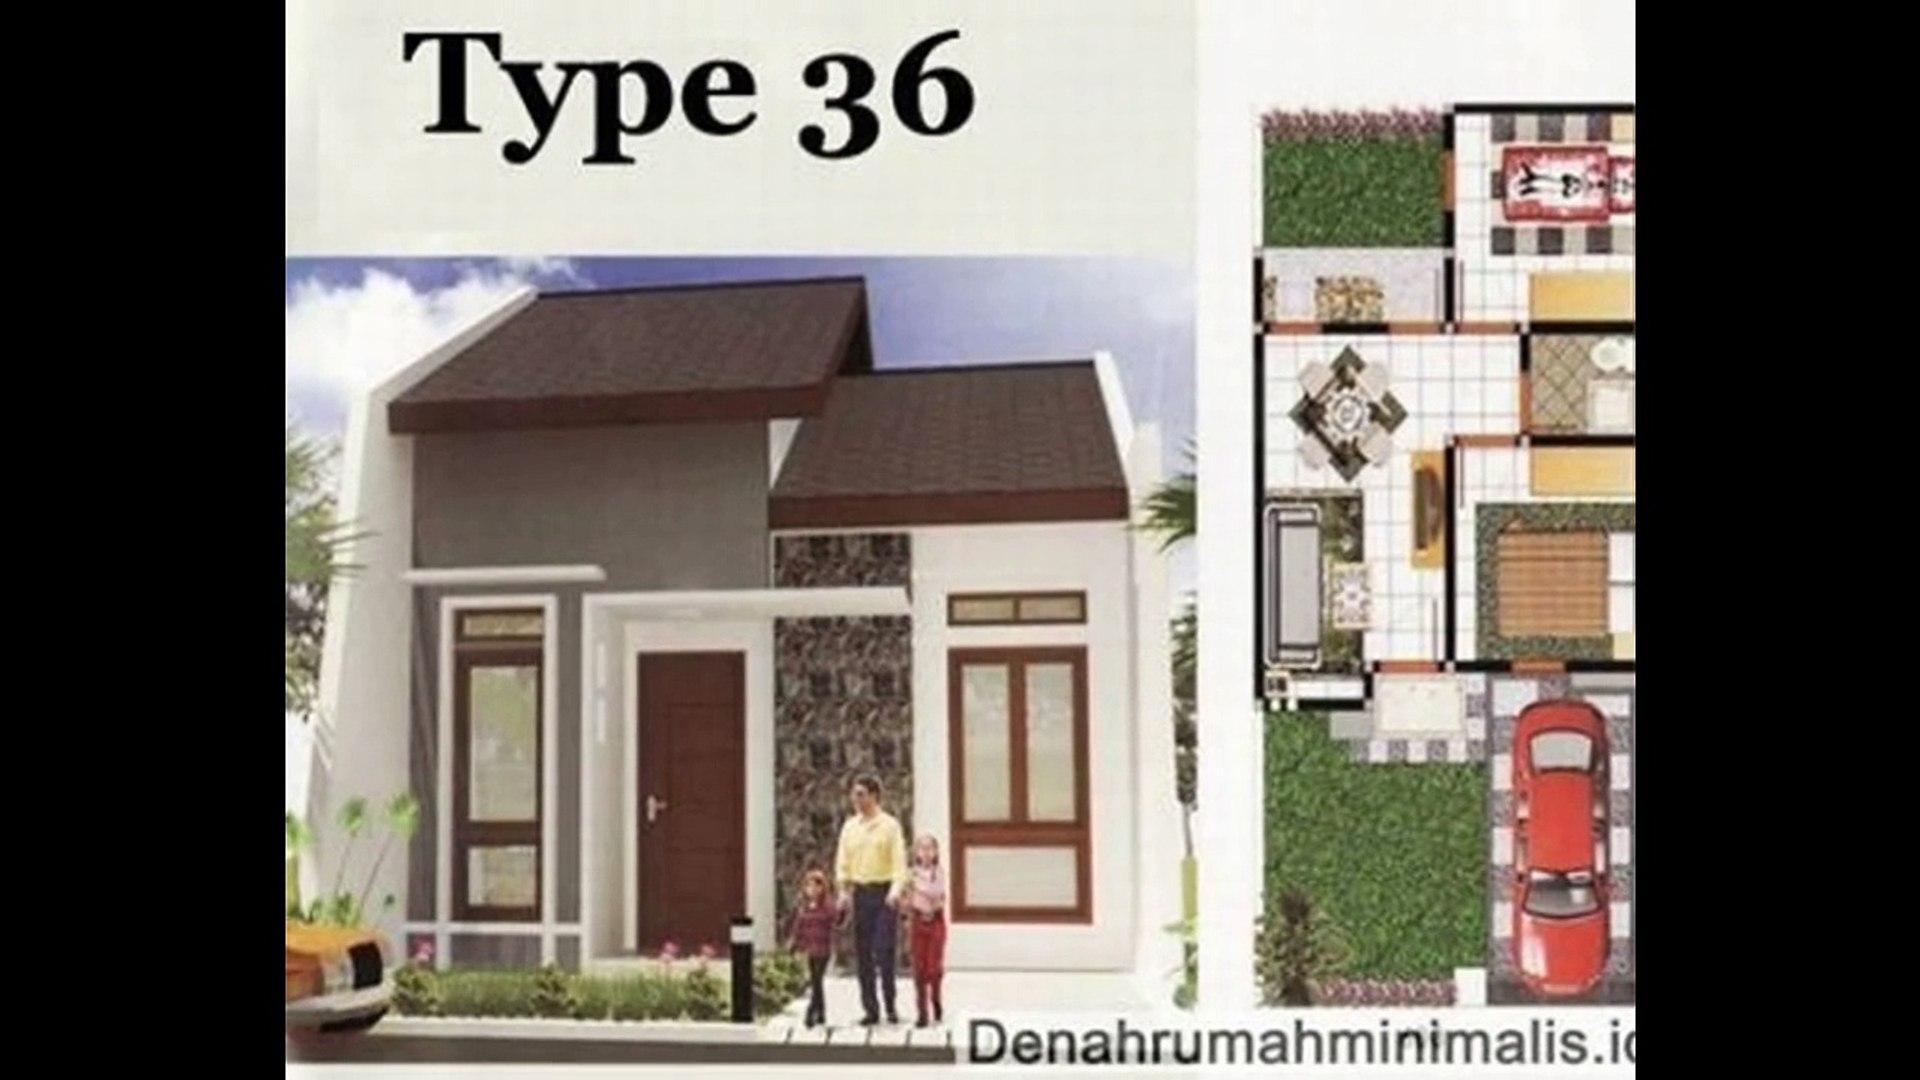 Desain Rumah Minimalis 1 Lantai Type 36 video dailymotion